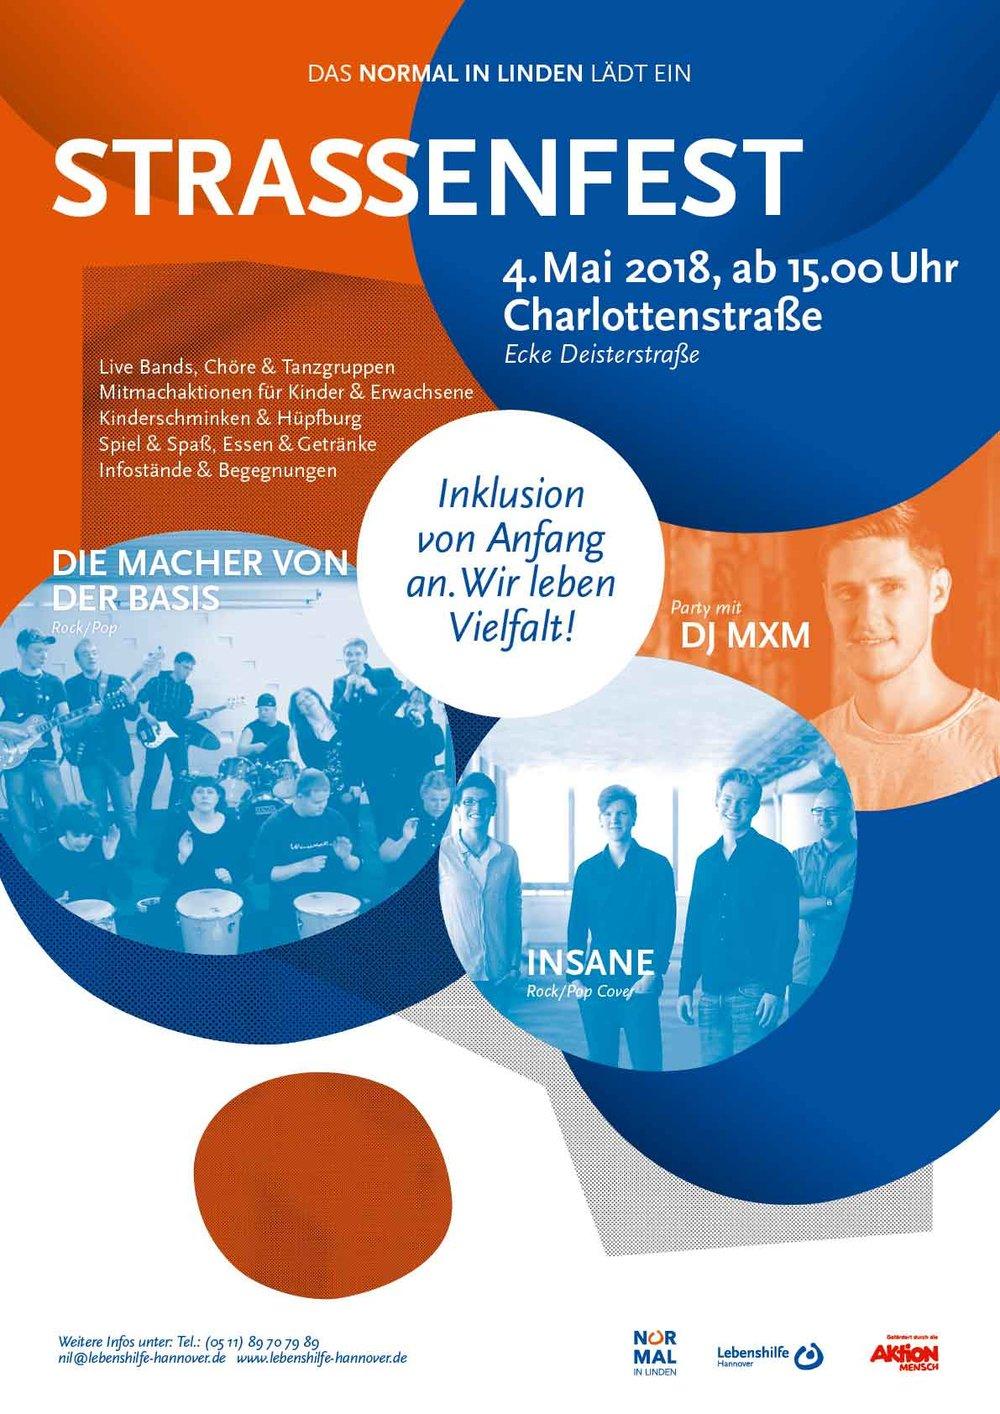 NiL_Strassenfest-2018_Lebenshilfe-Hannover.jpg